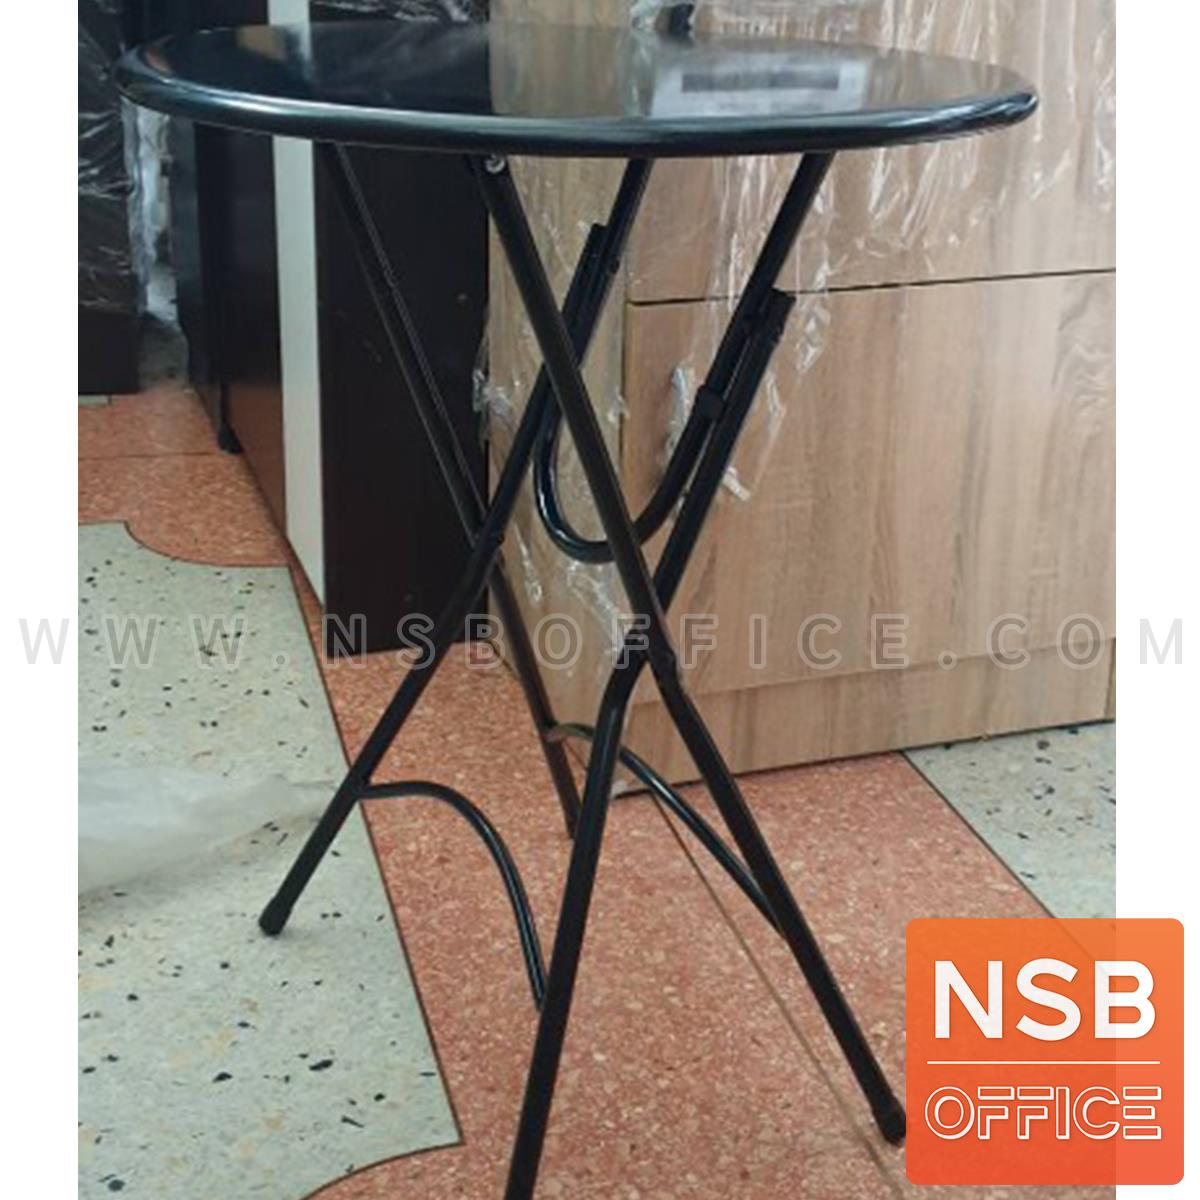 โต๊ะพับสเตนเลส รุ่น Lauv (ลาว์ฟ) ขนาด 60Di*75H cm. ขาพ่นสี